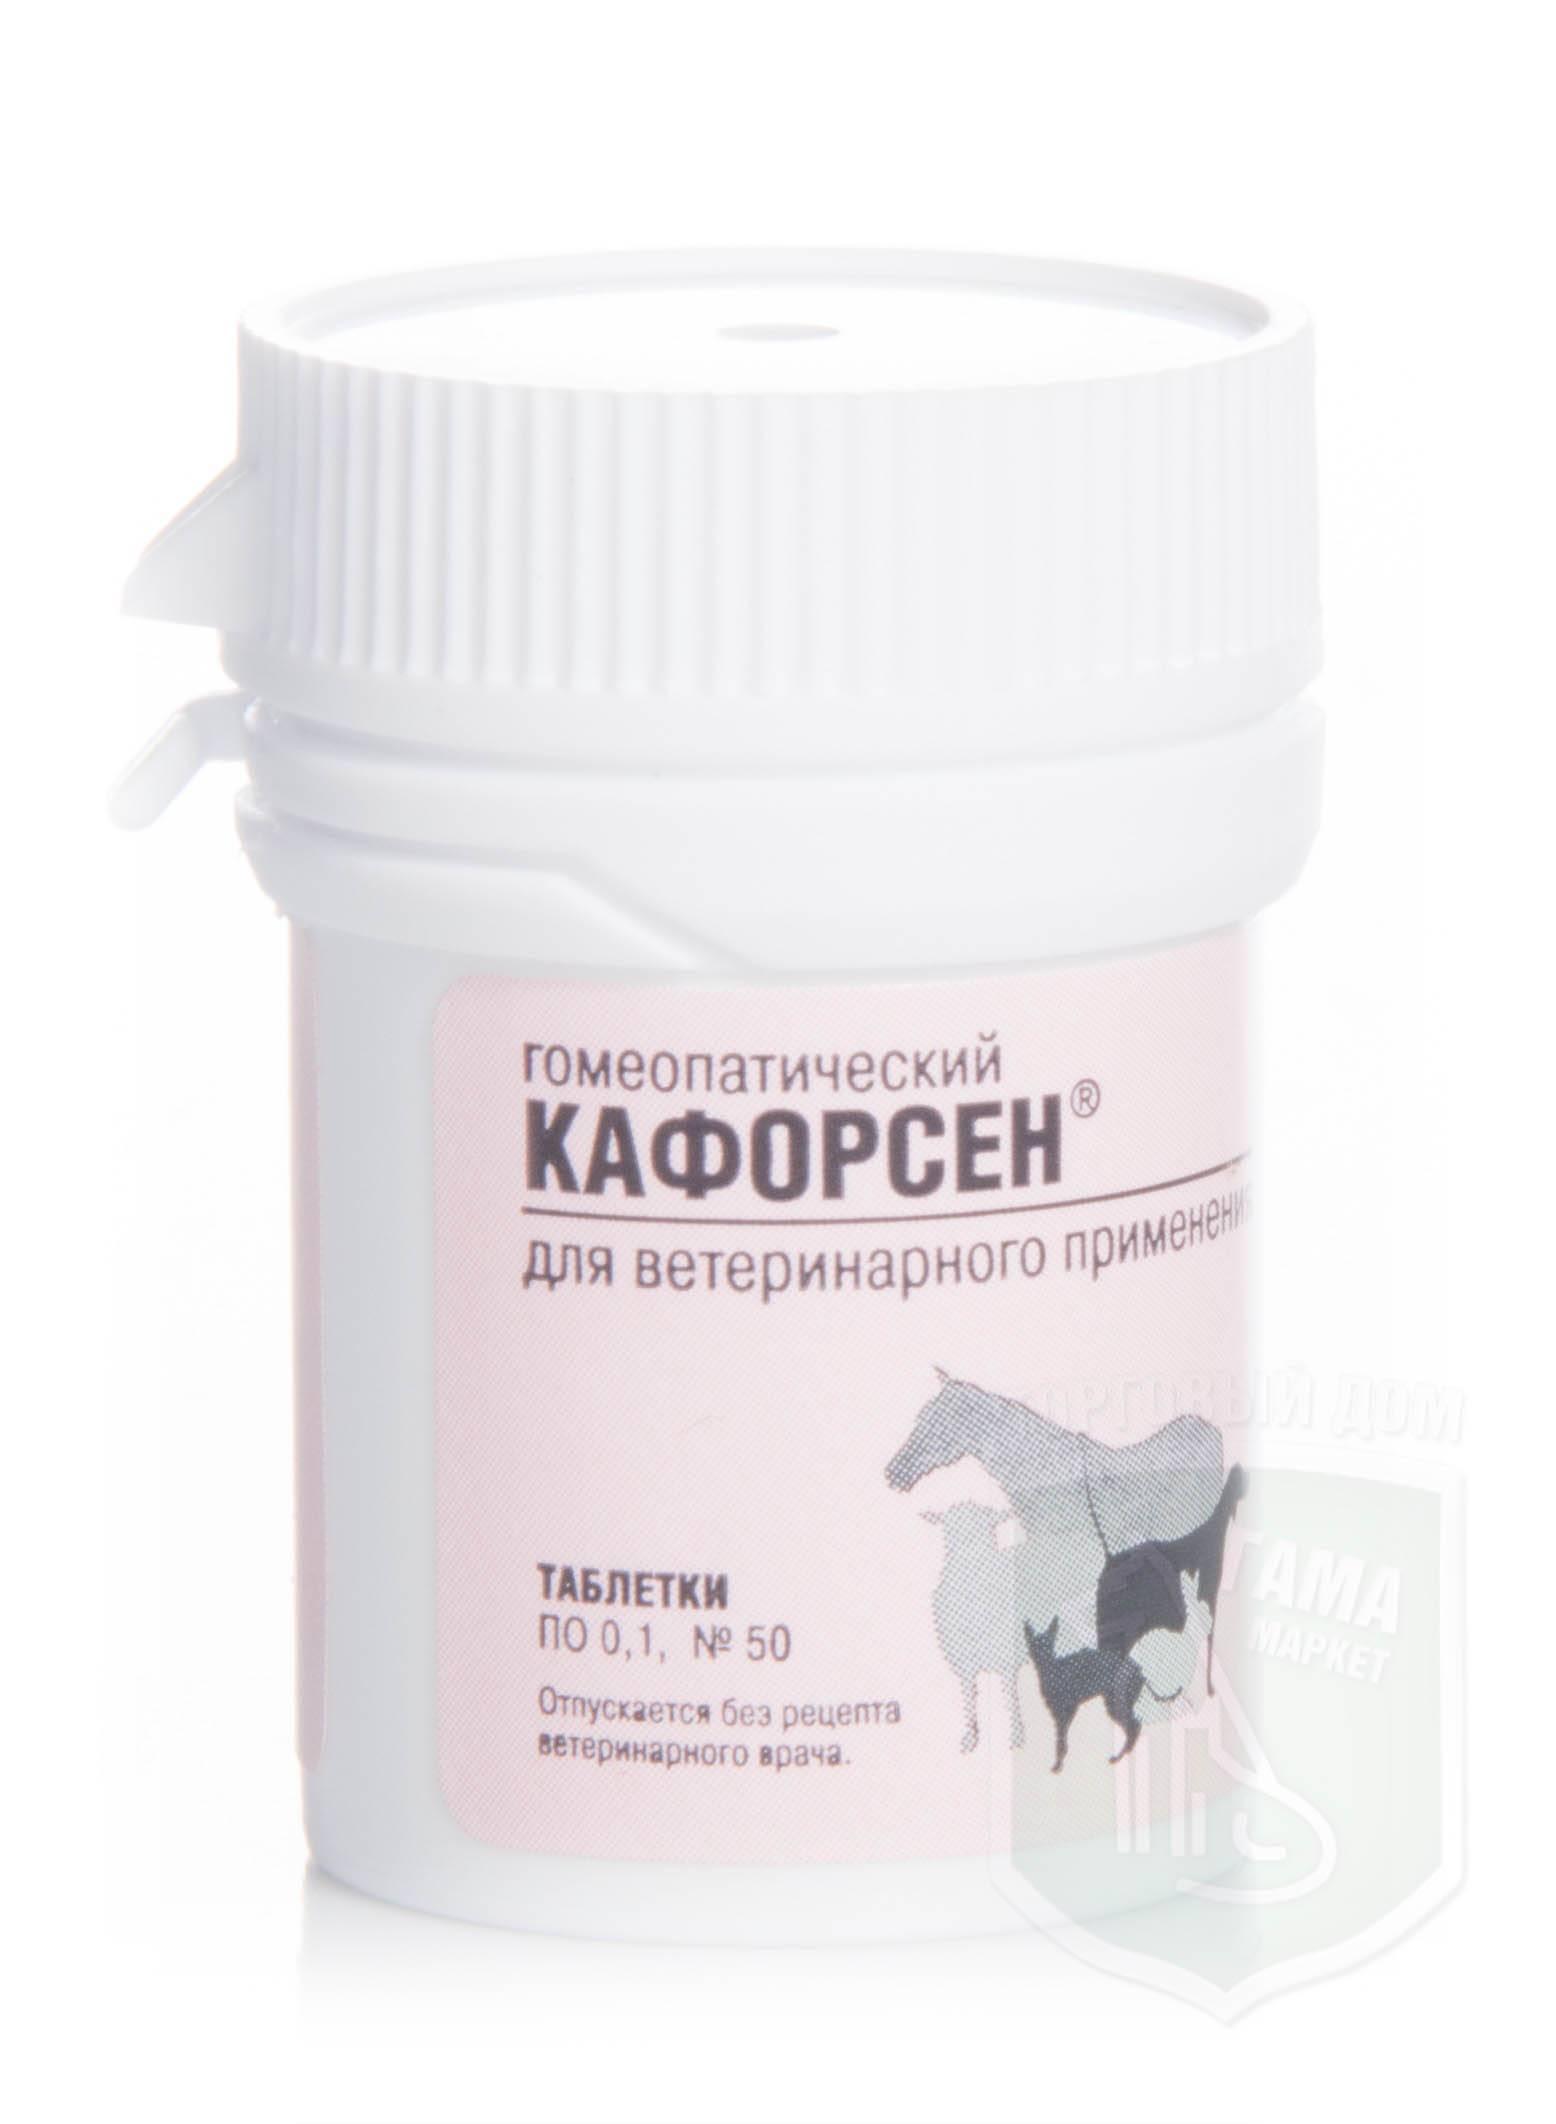 Гомеопатические препараты для собак: лиарсин, фоспасим, кафорсен и другие